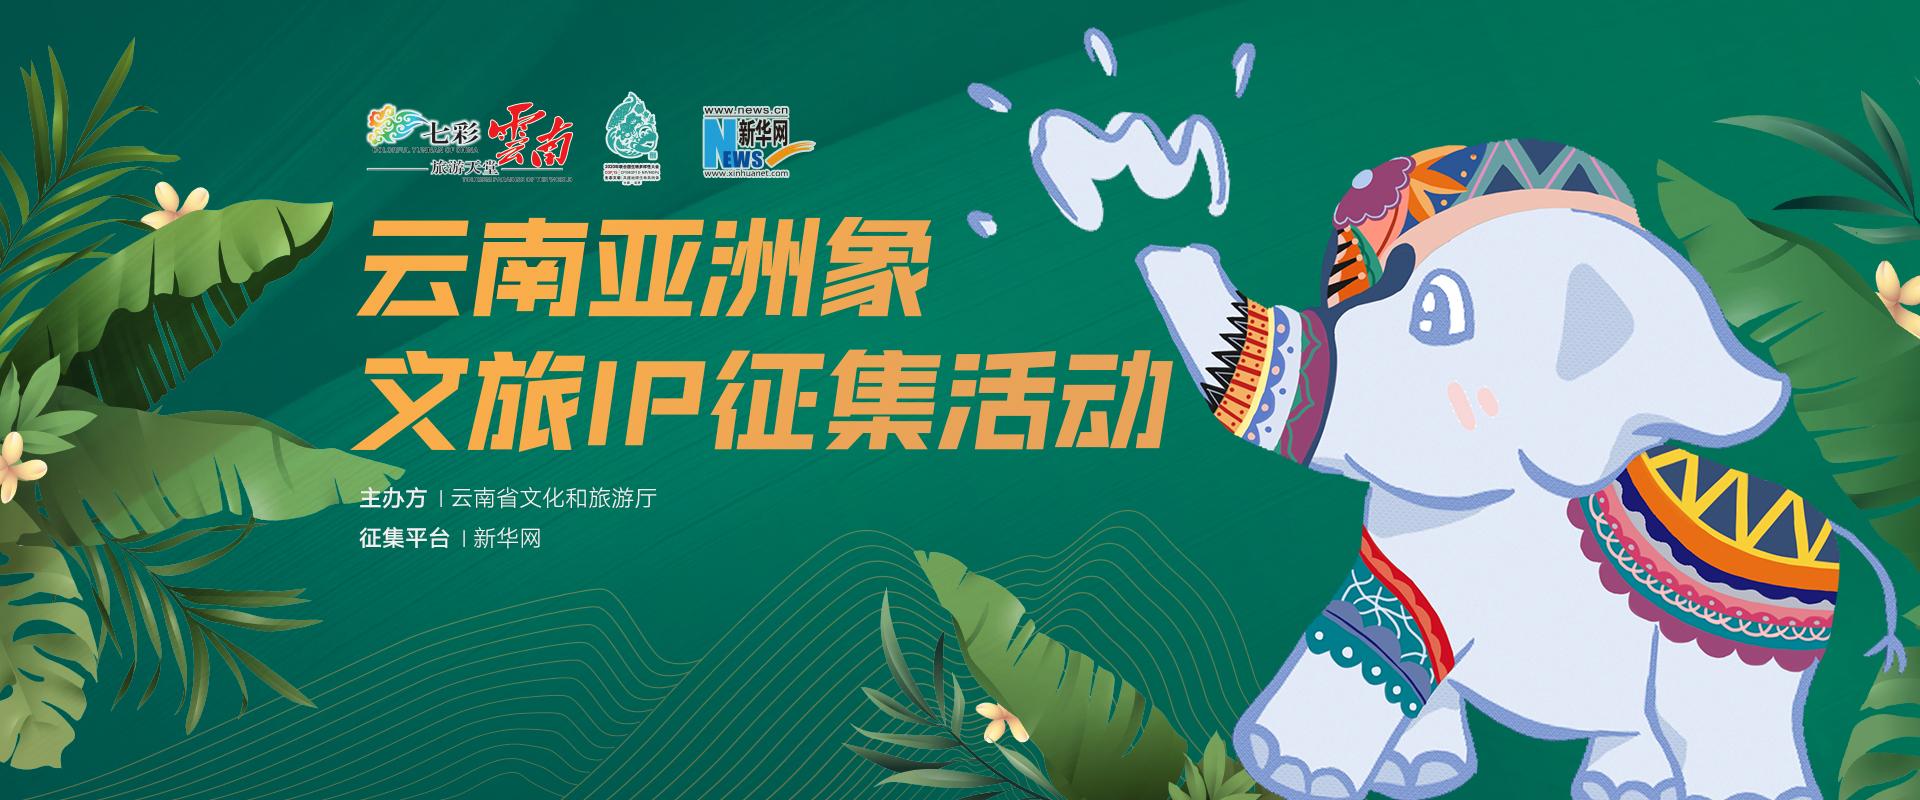 雲南亞洲象(xiang)文旅IP征集活動